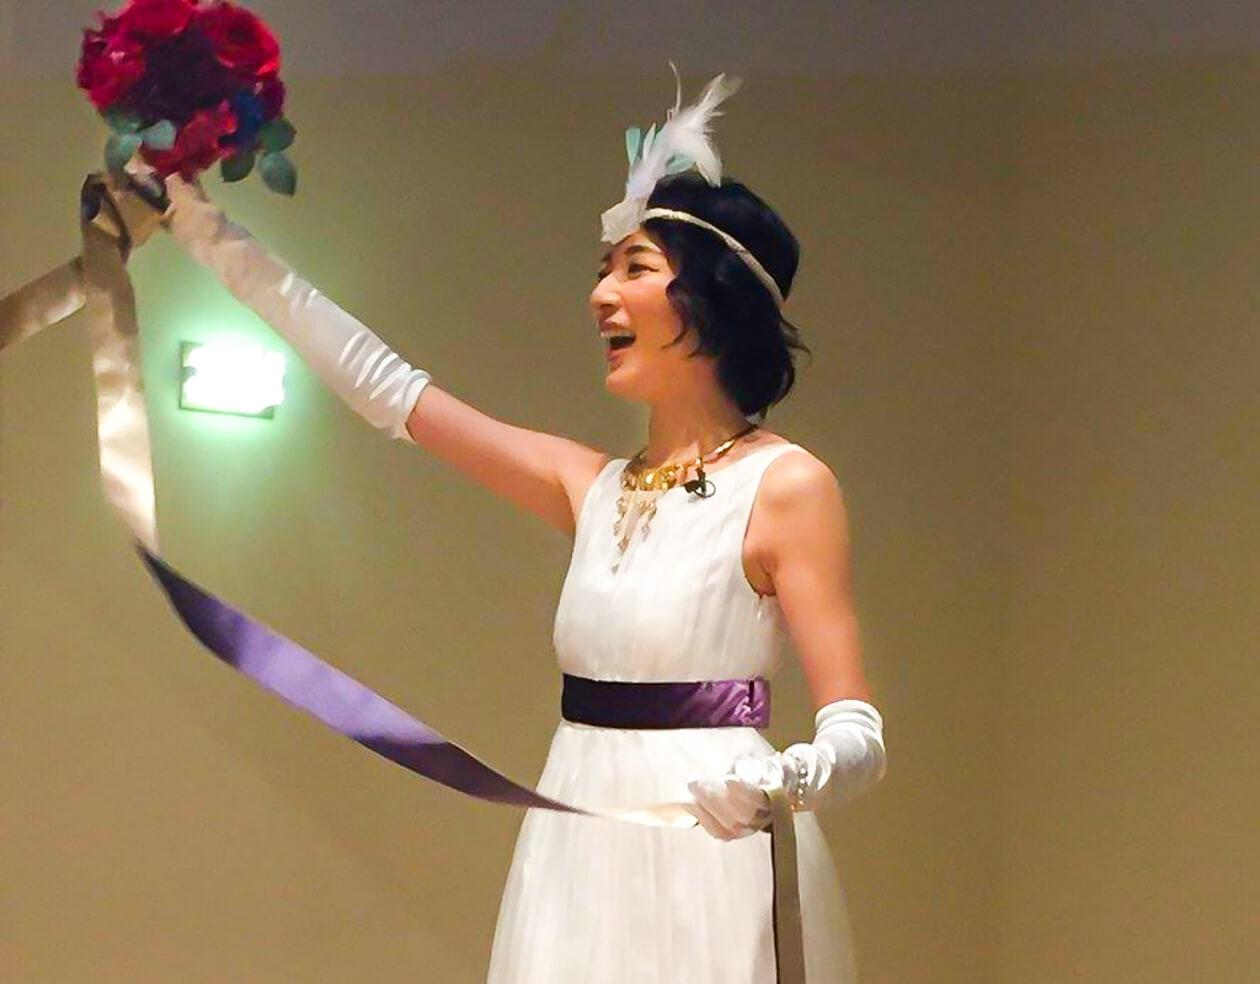 ウエディングドレスを着て歌って踊る筆者